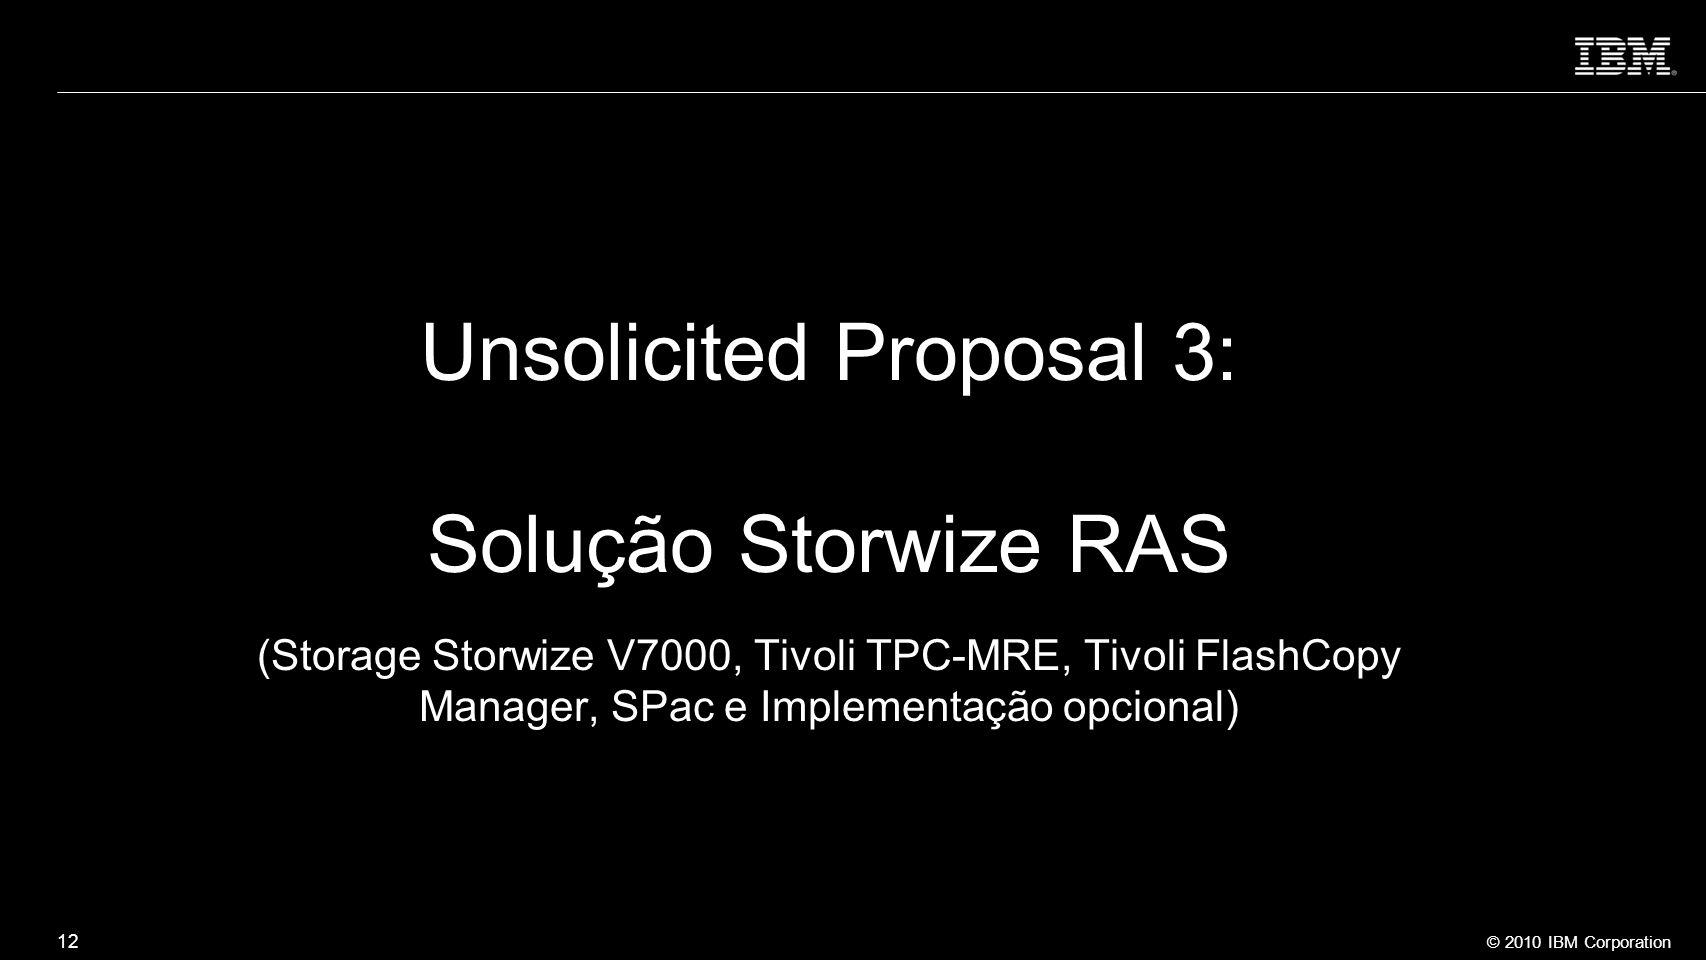 Unsolicited Proposal 3: Solução Storwize RAS (Storage Storwize V7000, Tivoli TPC-MRE, Tivoli FlashCopy Manager, SPac e Implementação opcional)